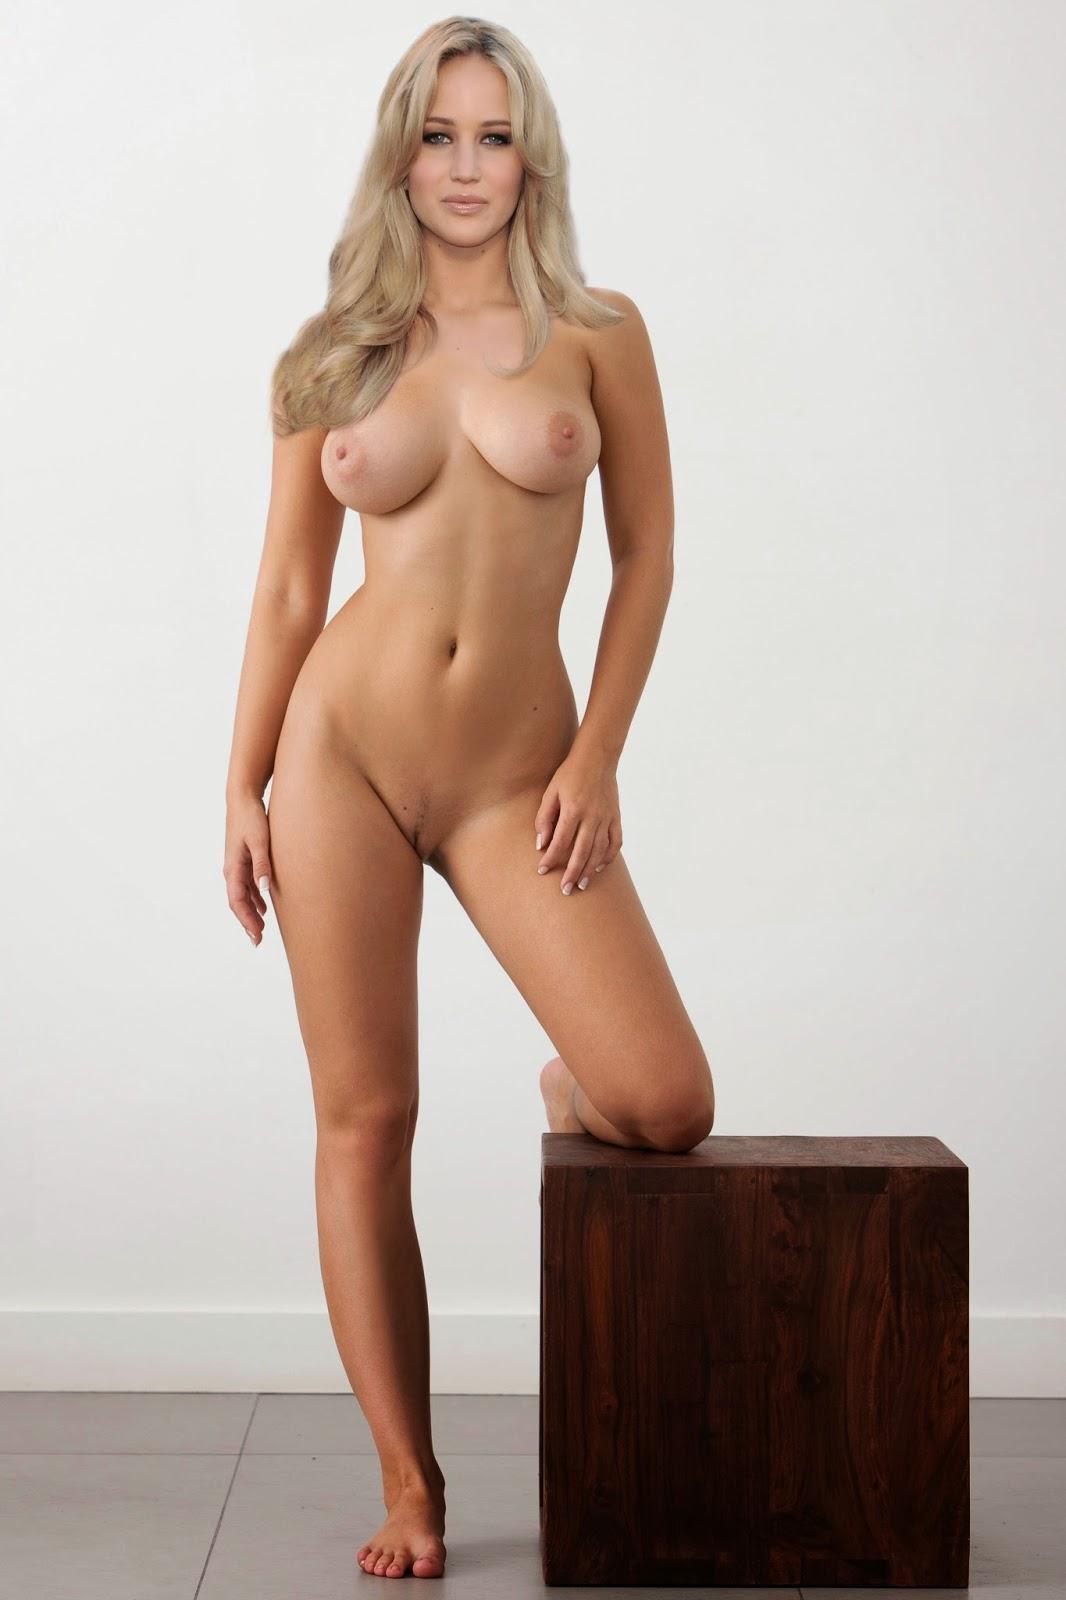 Naked women lawrence kansas galleries 553